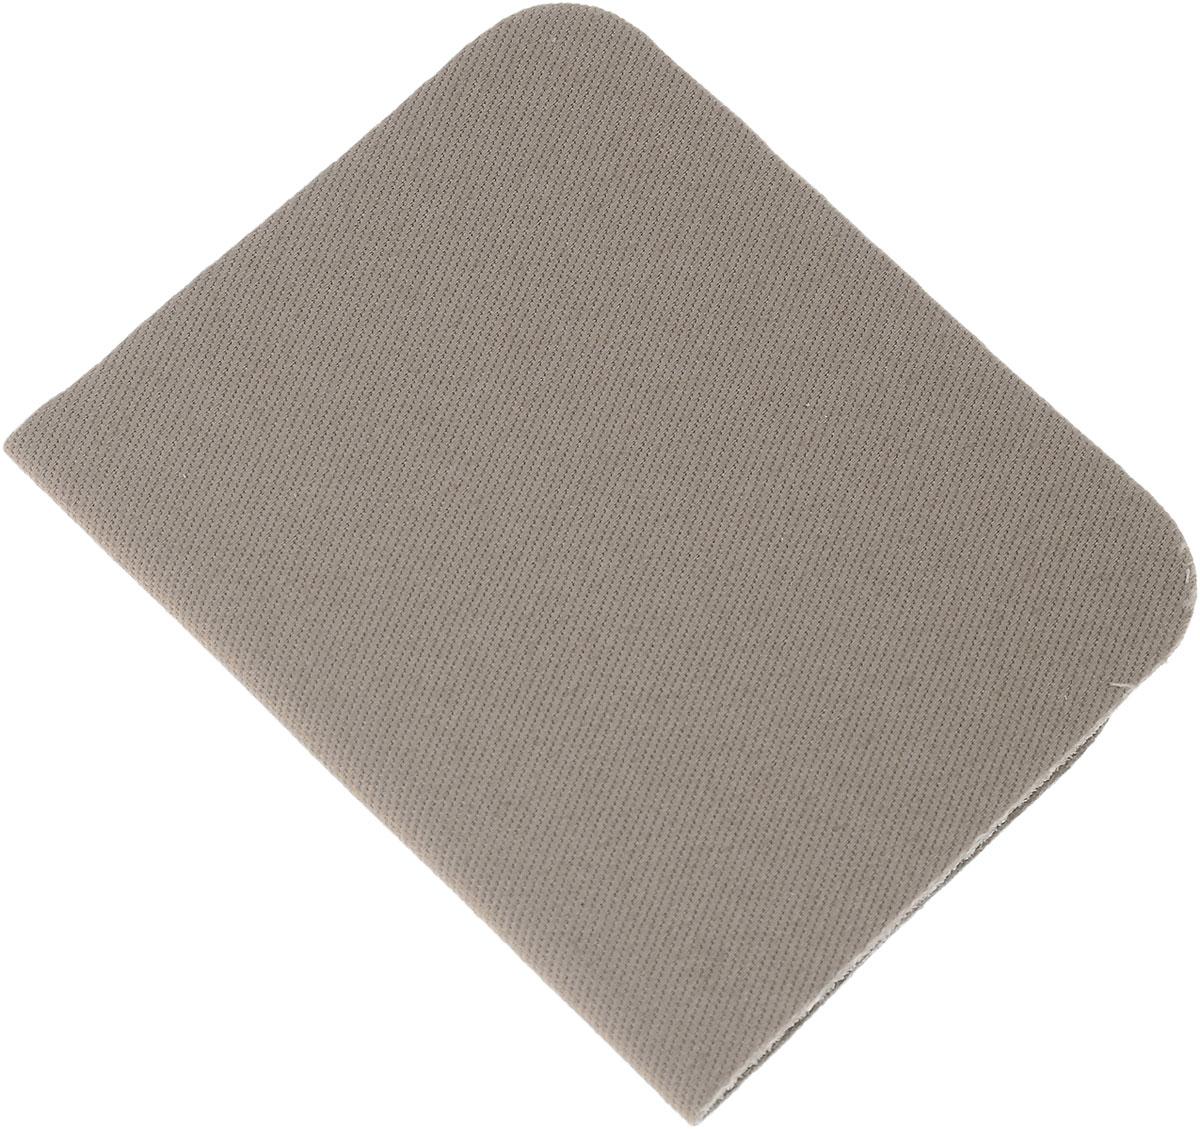 Термозаплатка Hemline, цвет: темно-бежевый, 10 х 15 см, 2 шт690.FТермозаплатки Hemline применяются для отделки и ремонта предметов одежды, домашнего текстиля и аксессуаров. Не предназначены для пластика, нейлона, вискозы. Термозаплатки изготовлены из поликоттона (хлопок/полиэстер). Прикрепляются с помощью утюга. Размер заплатки: 10 х 15 см.